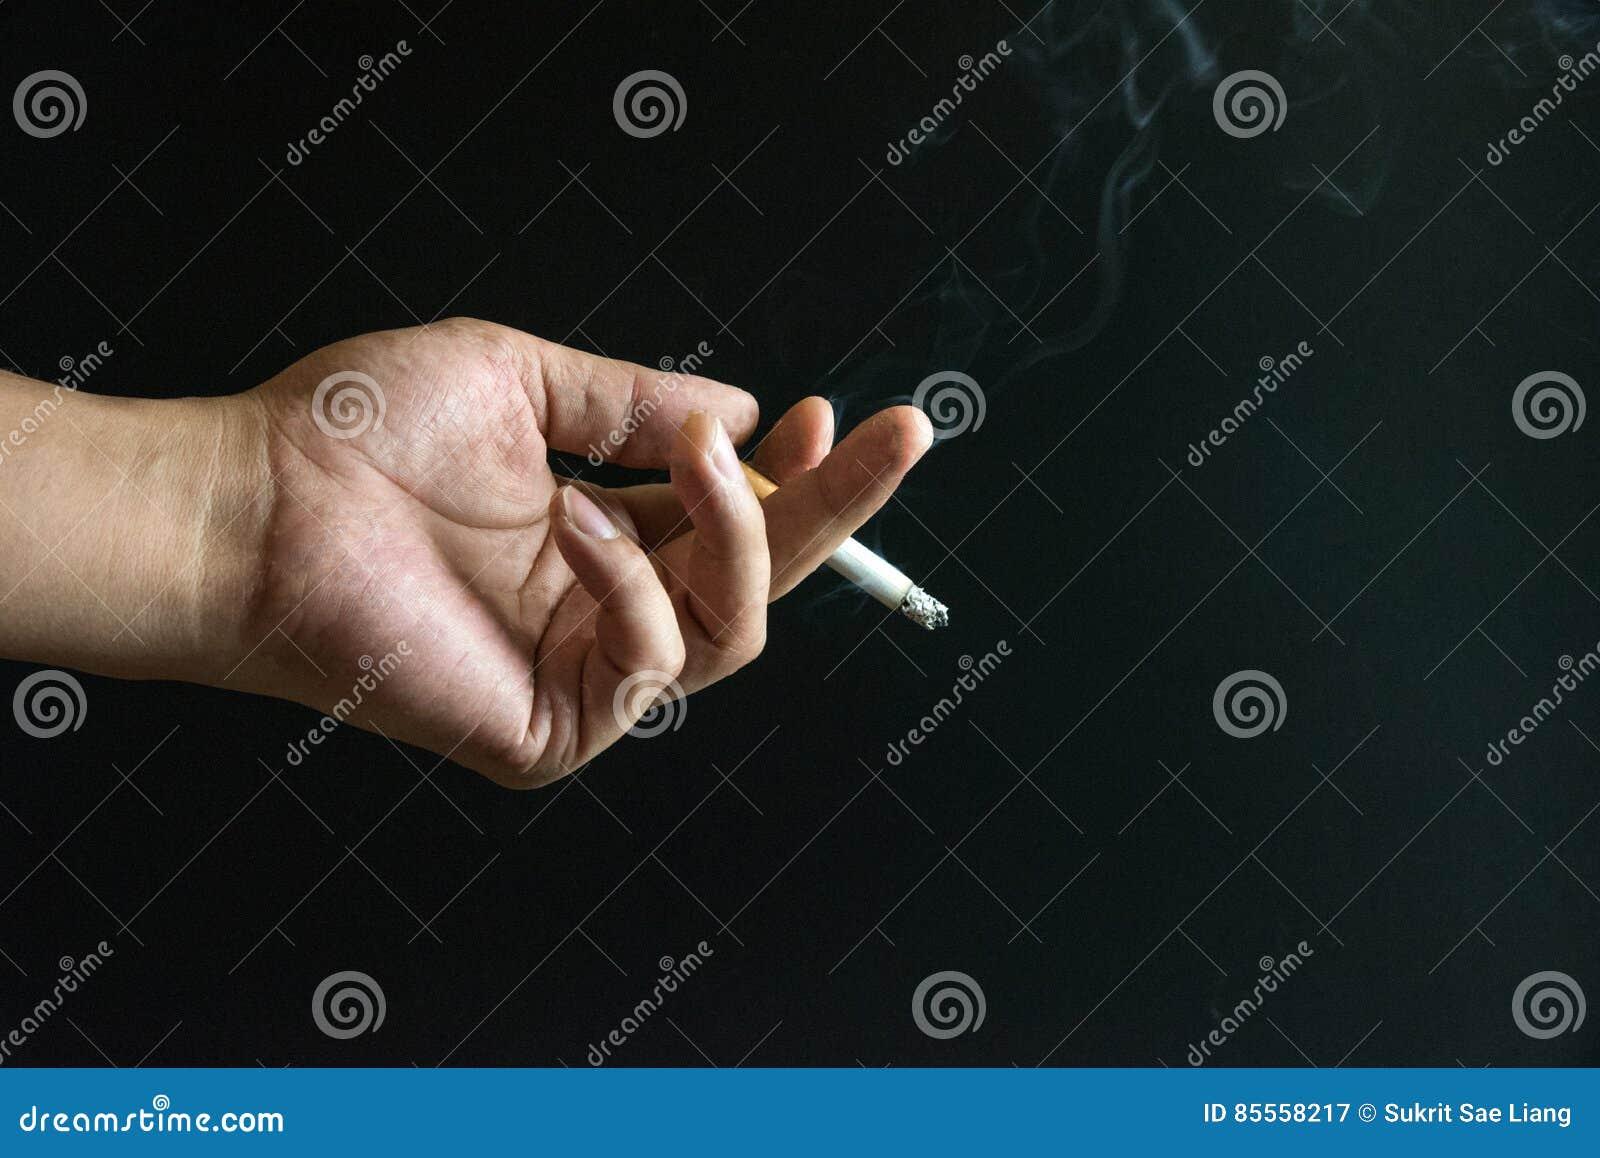 Zigarette auf der Hand